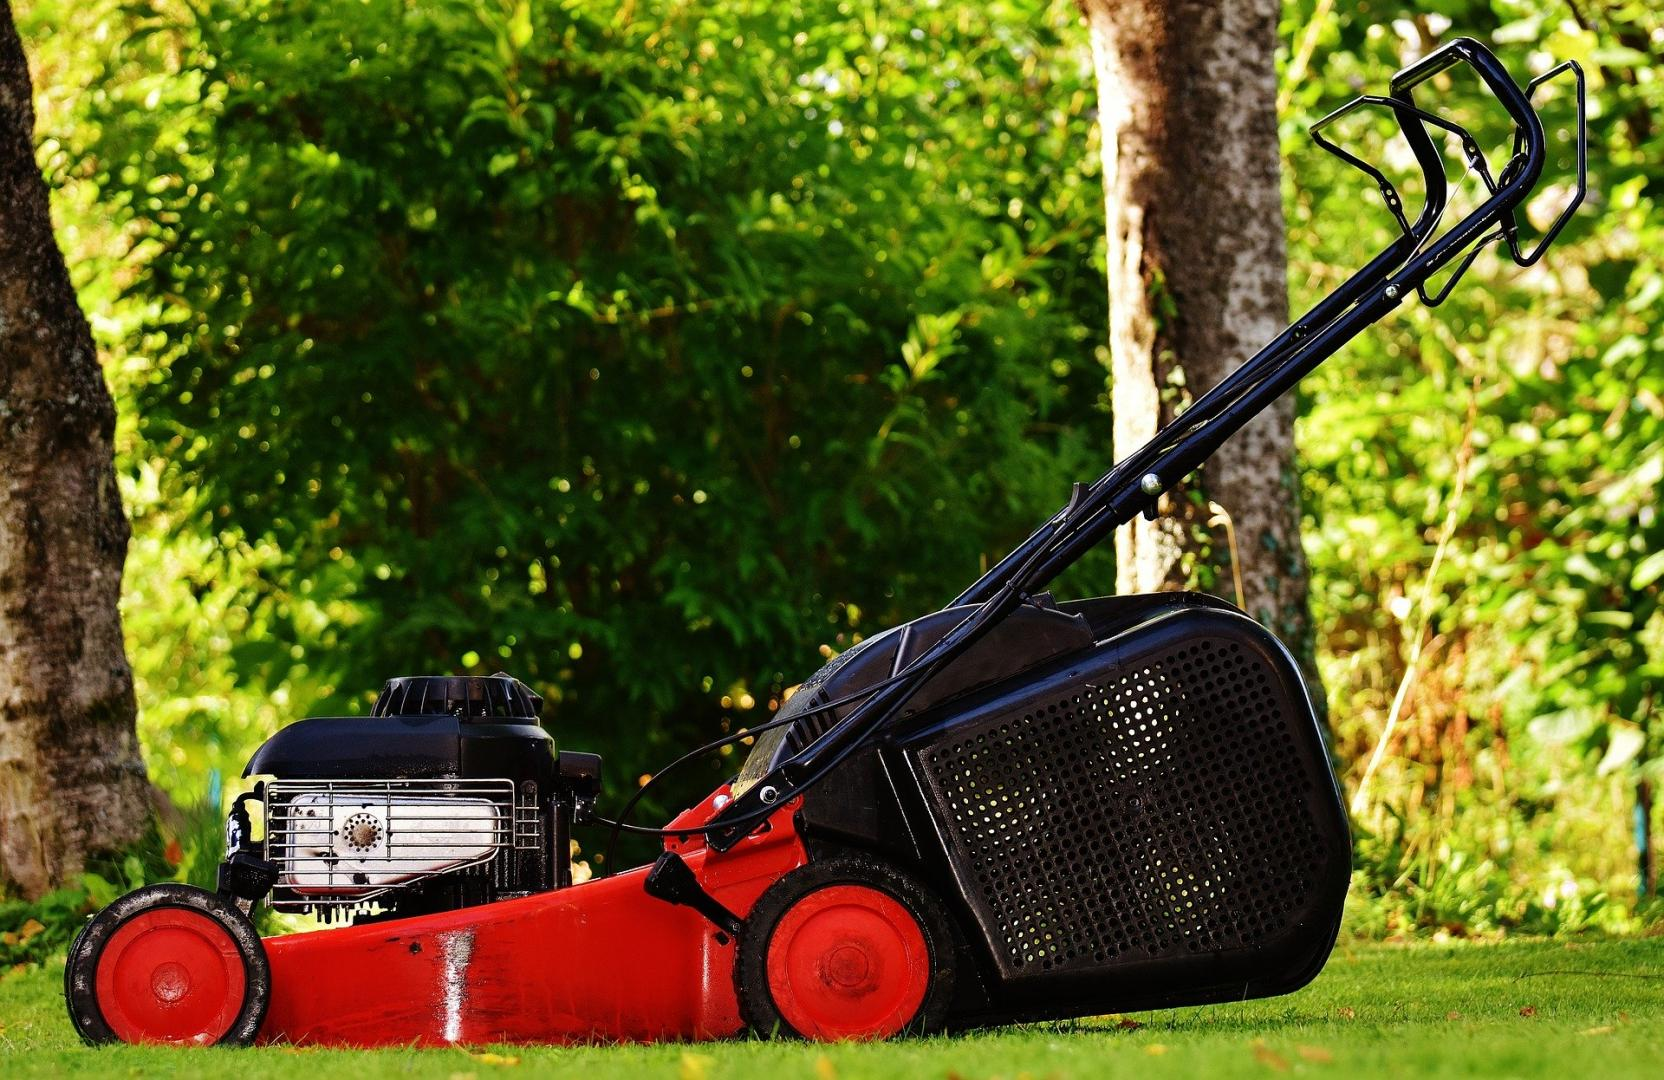 Gartenpflege Details Vertraglich Festzulegen Spart Arger